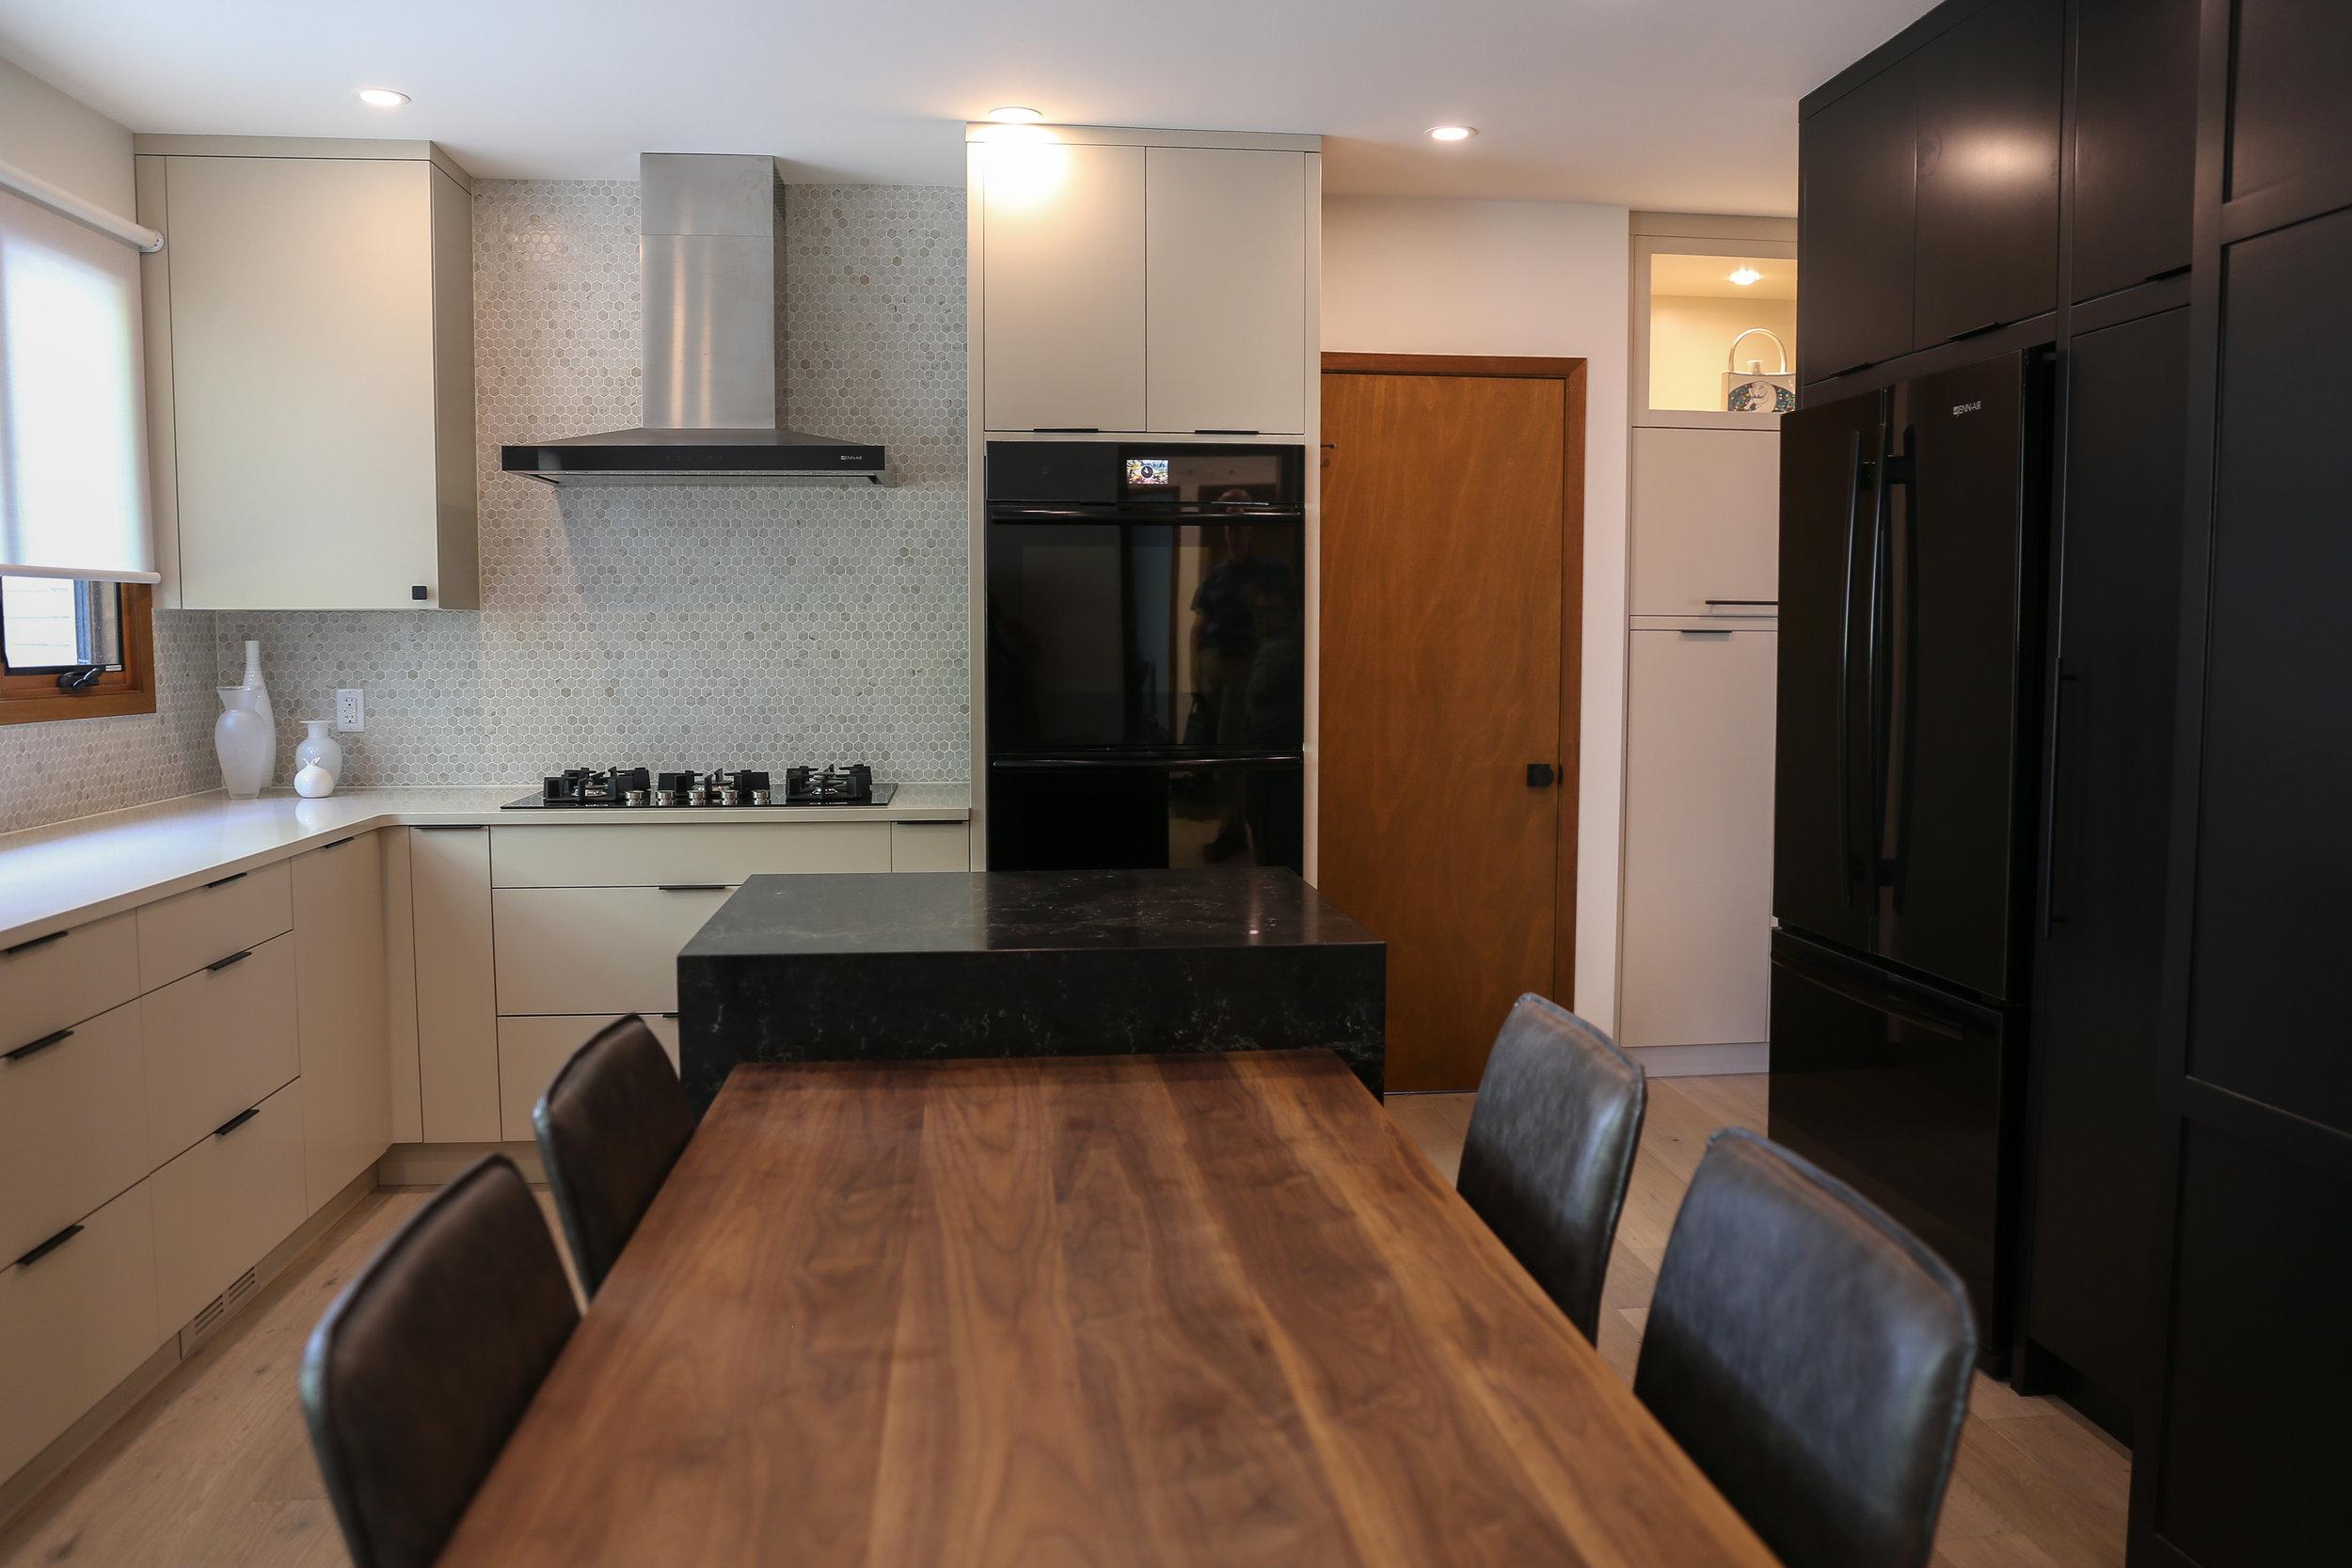 boreham kitchen +-4242.jpg